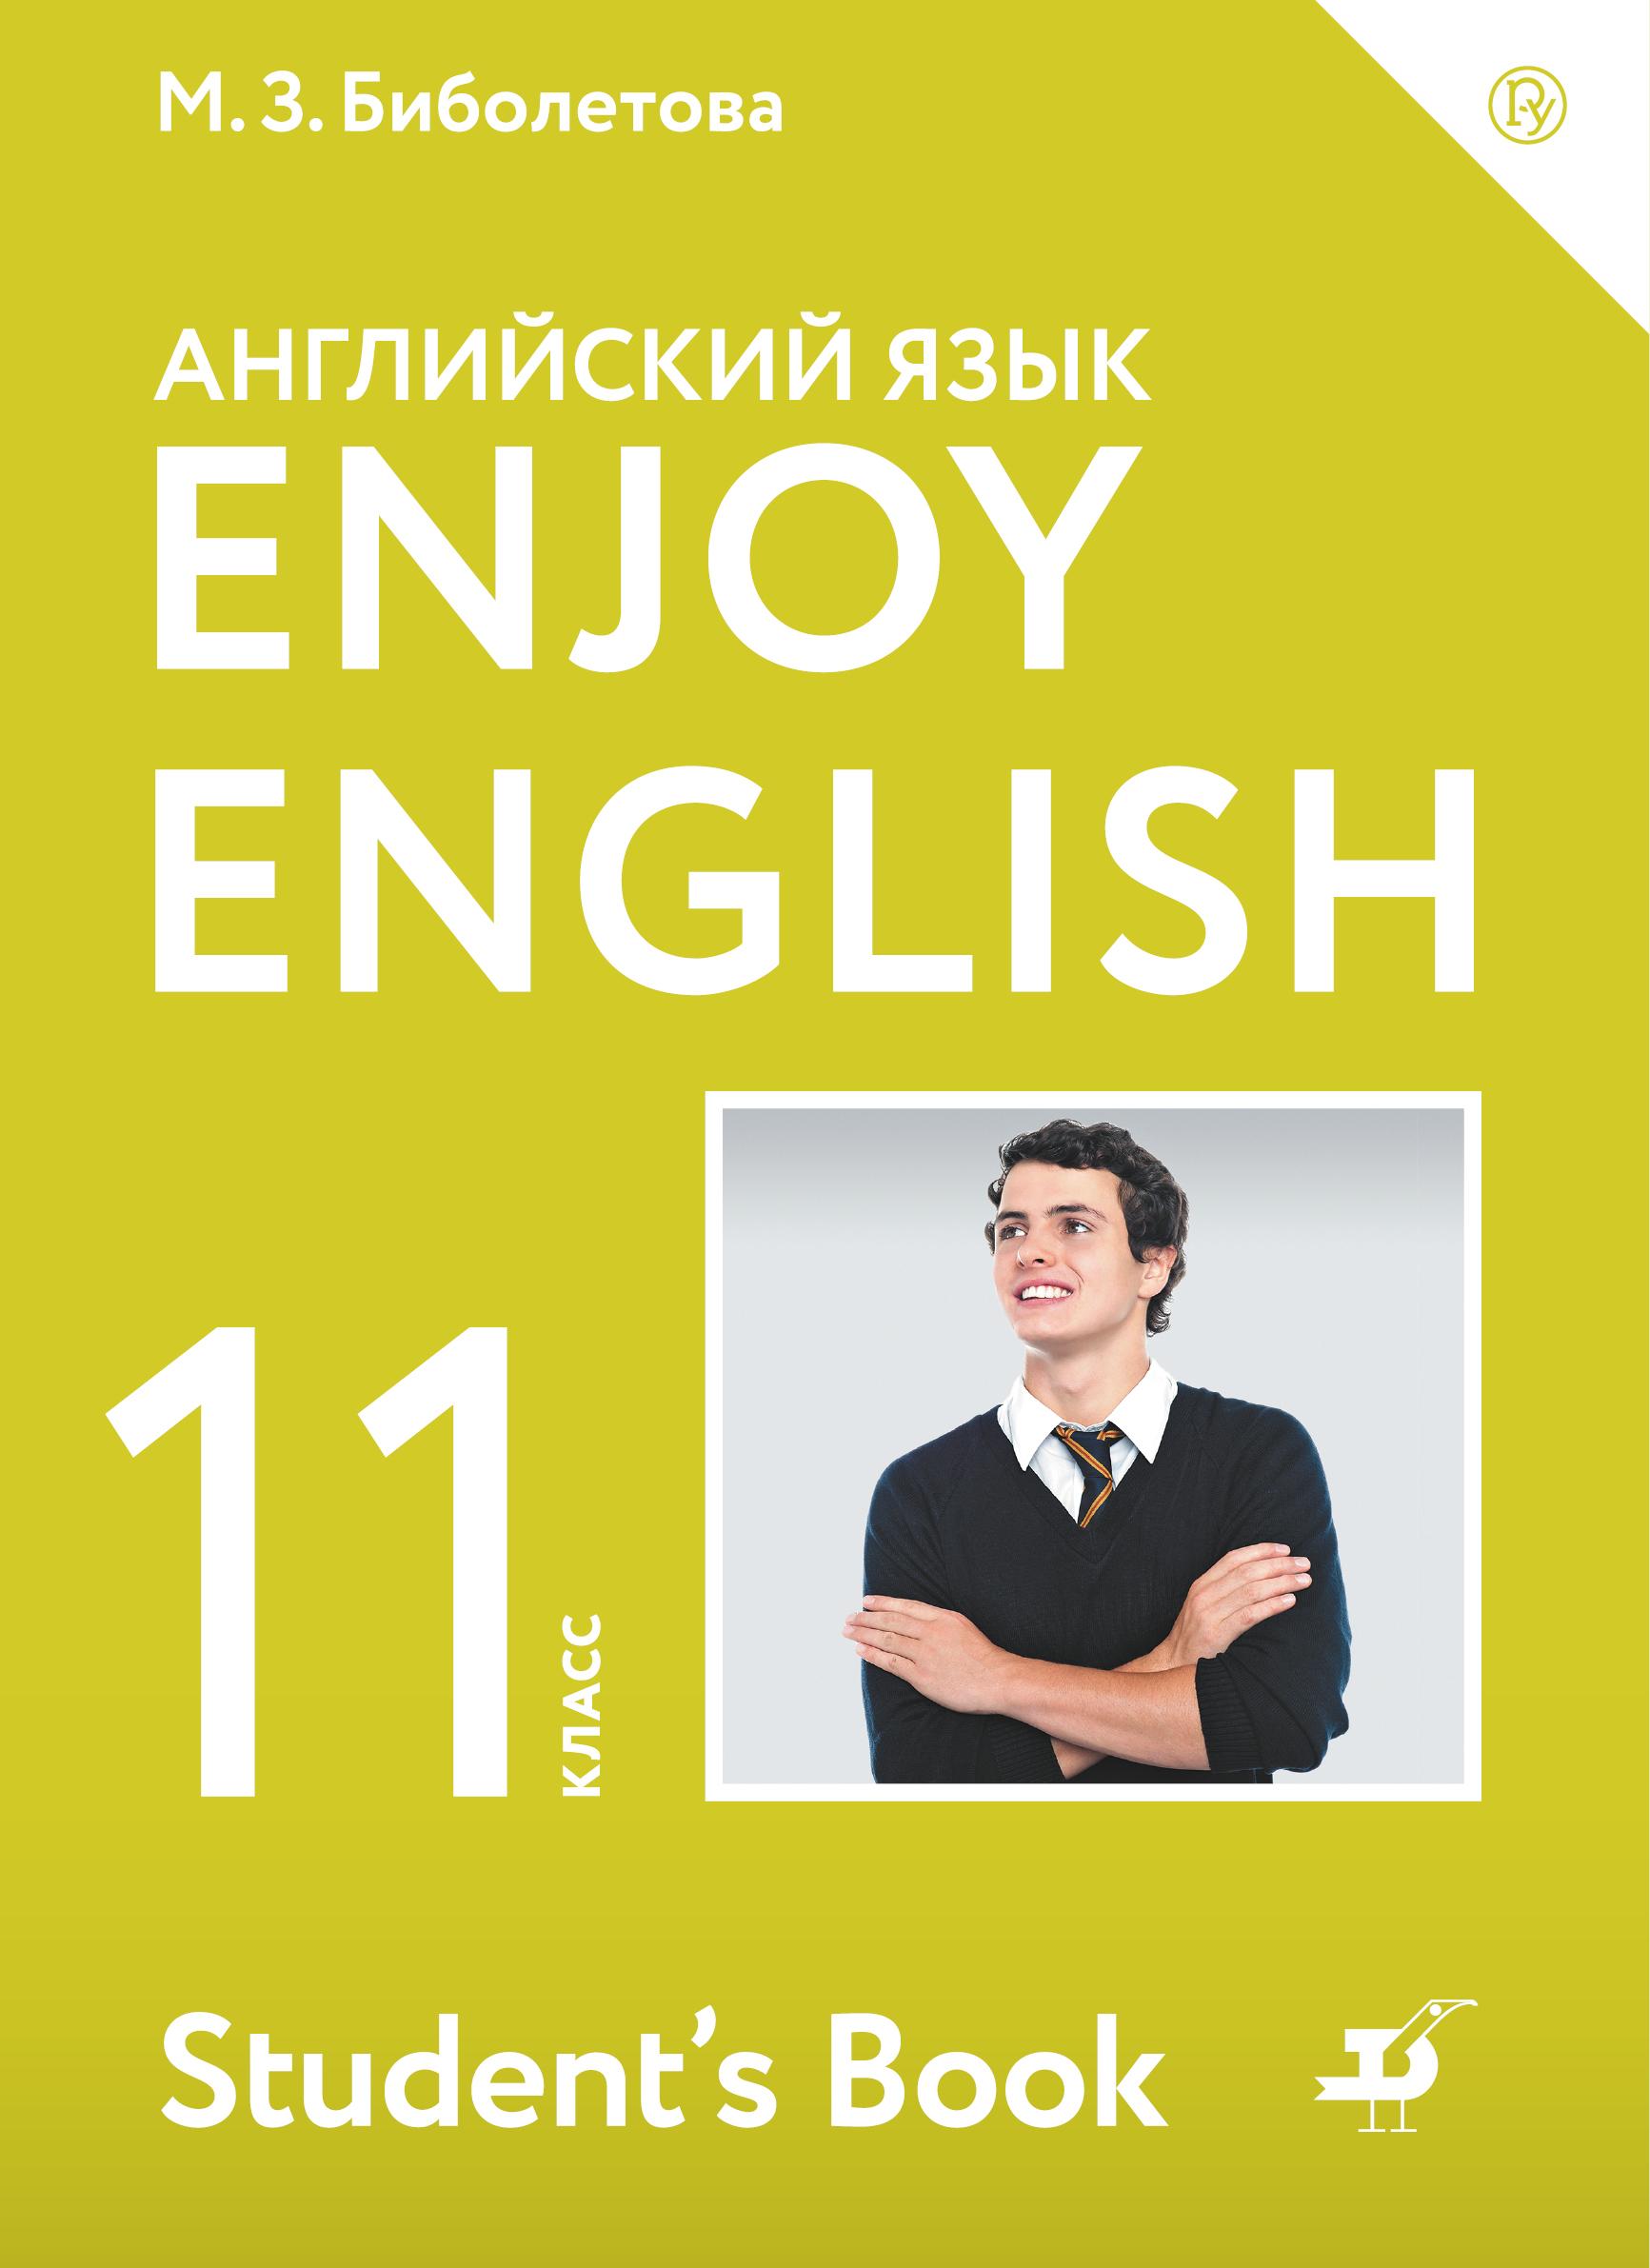 М. З. Биболетова Английский язык. Enjoy English. 11 класс биболетова м з enjoy english английский с удовольствием 2 класс учебник